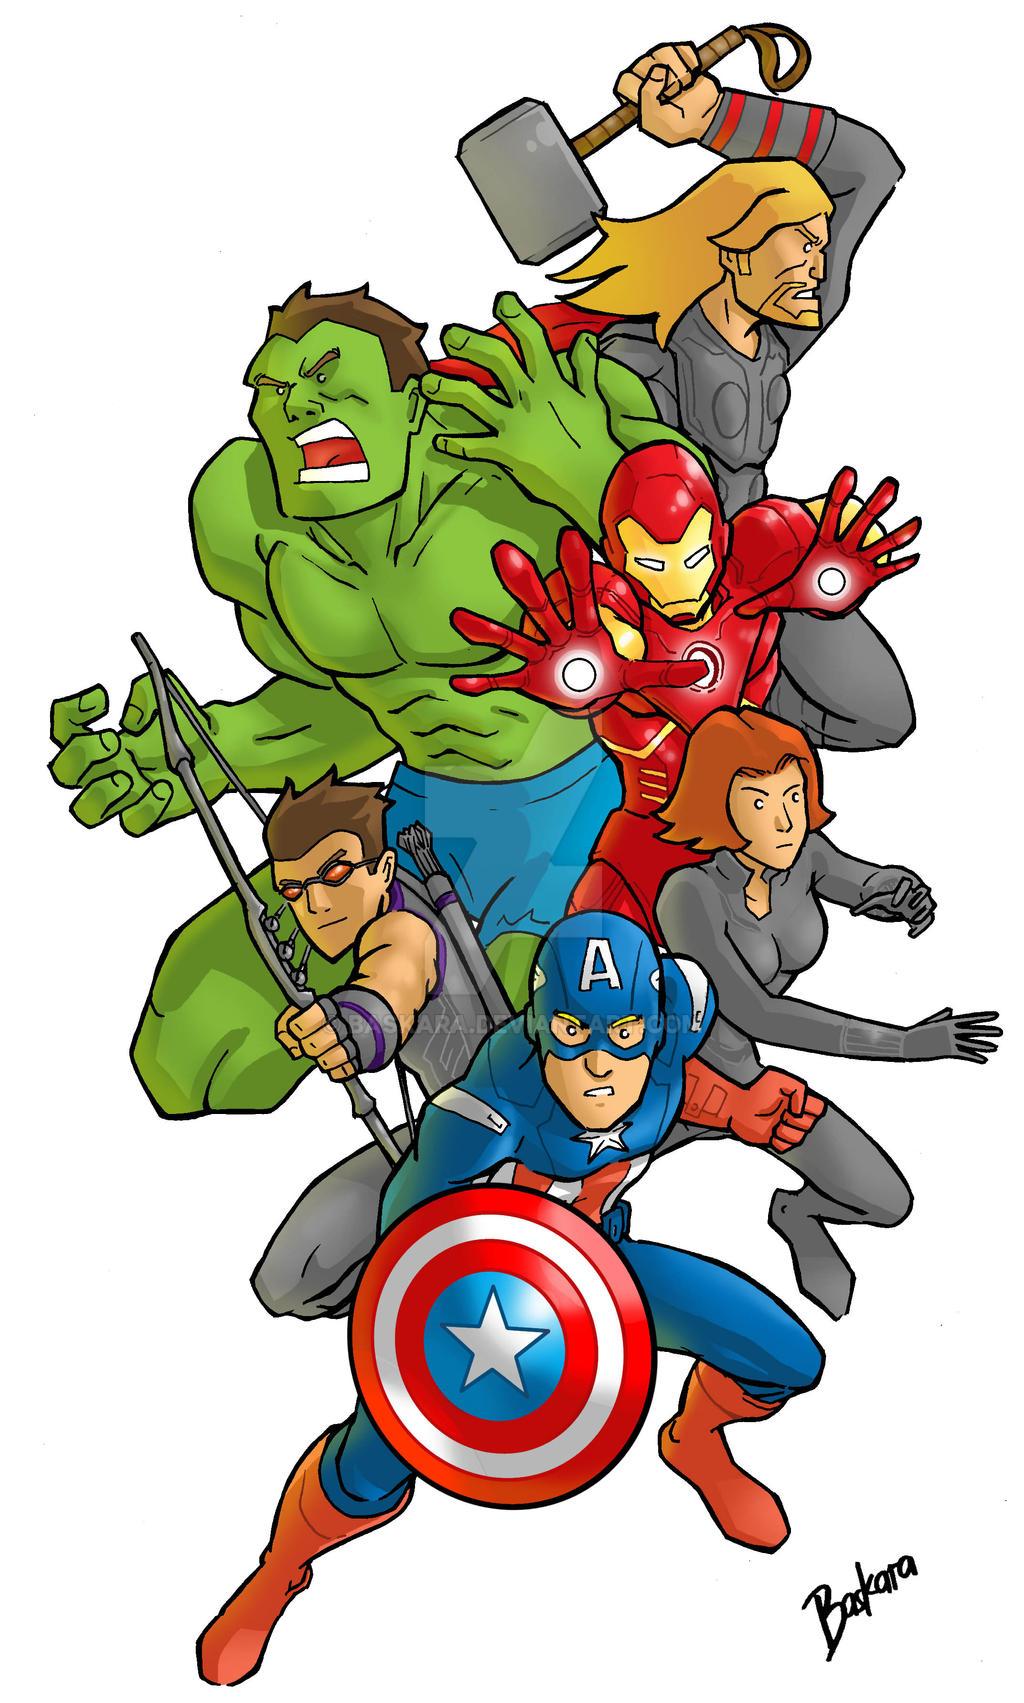 Avengers Assemble by baskara on DeviantArt